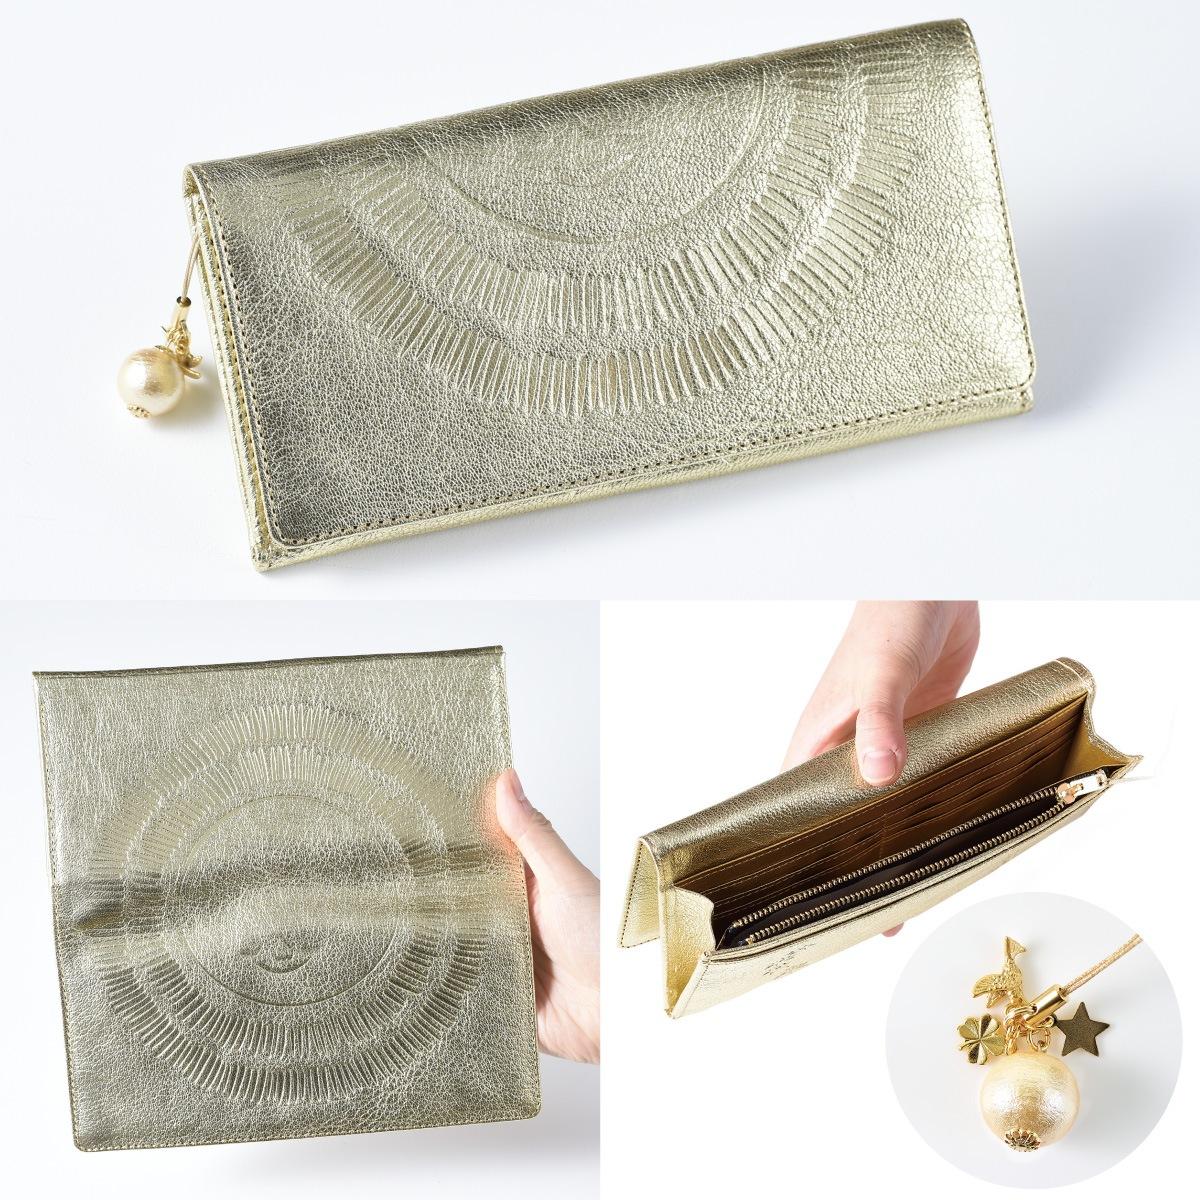 世界中に笑顔を広げるアーティスト RIEの『太陽の金運財布』